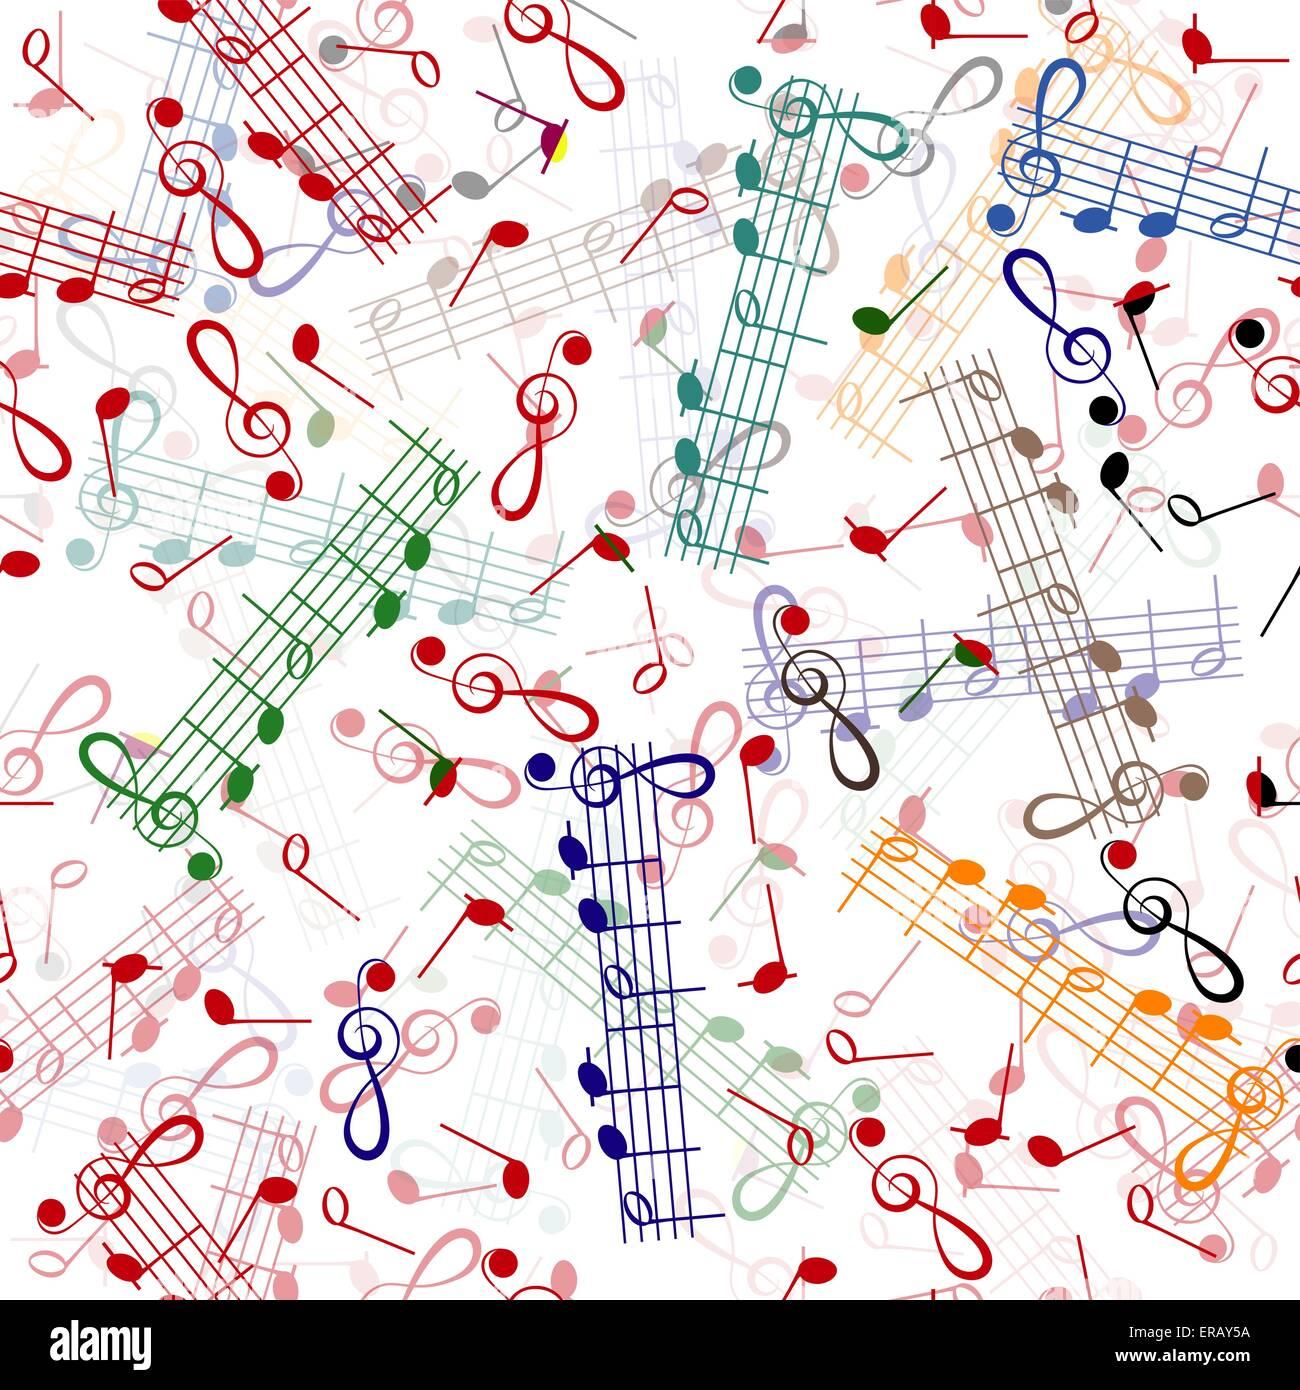 La notation musicale motif répétitif sur un fond blanc Photo Stock